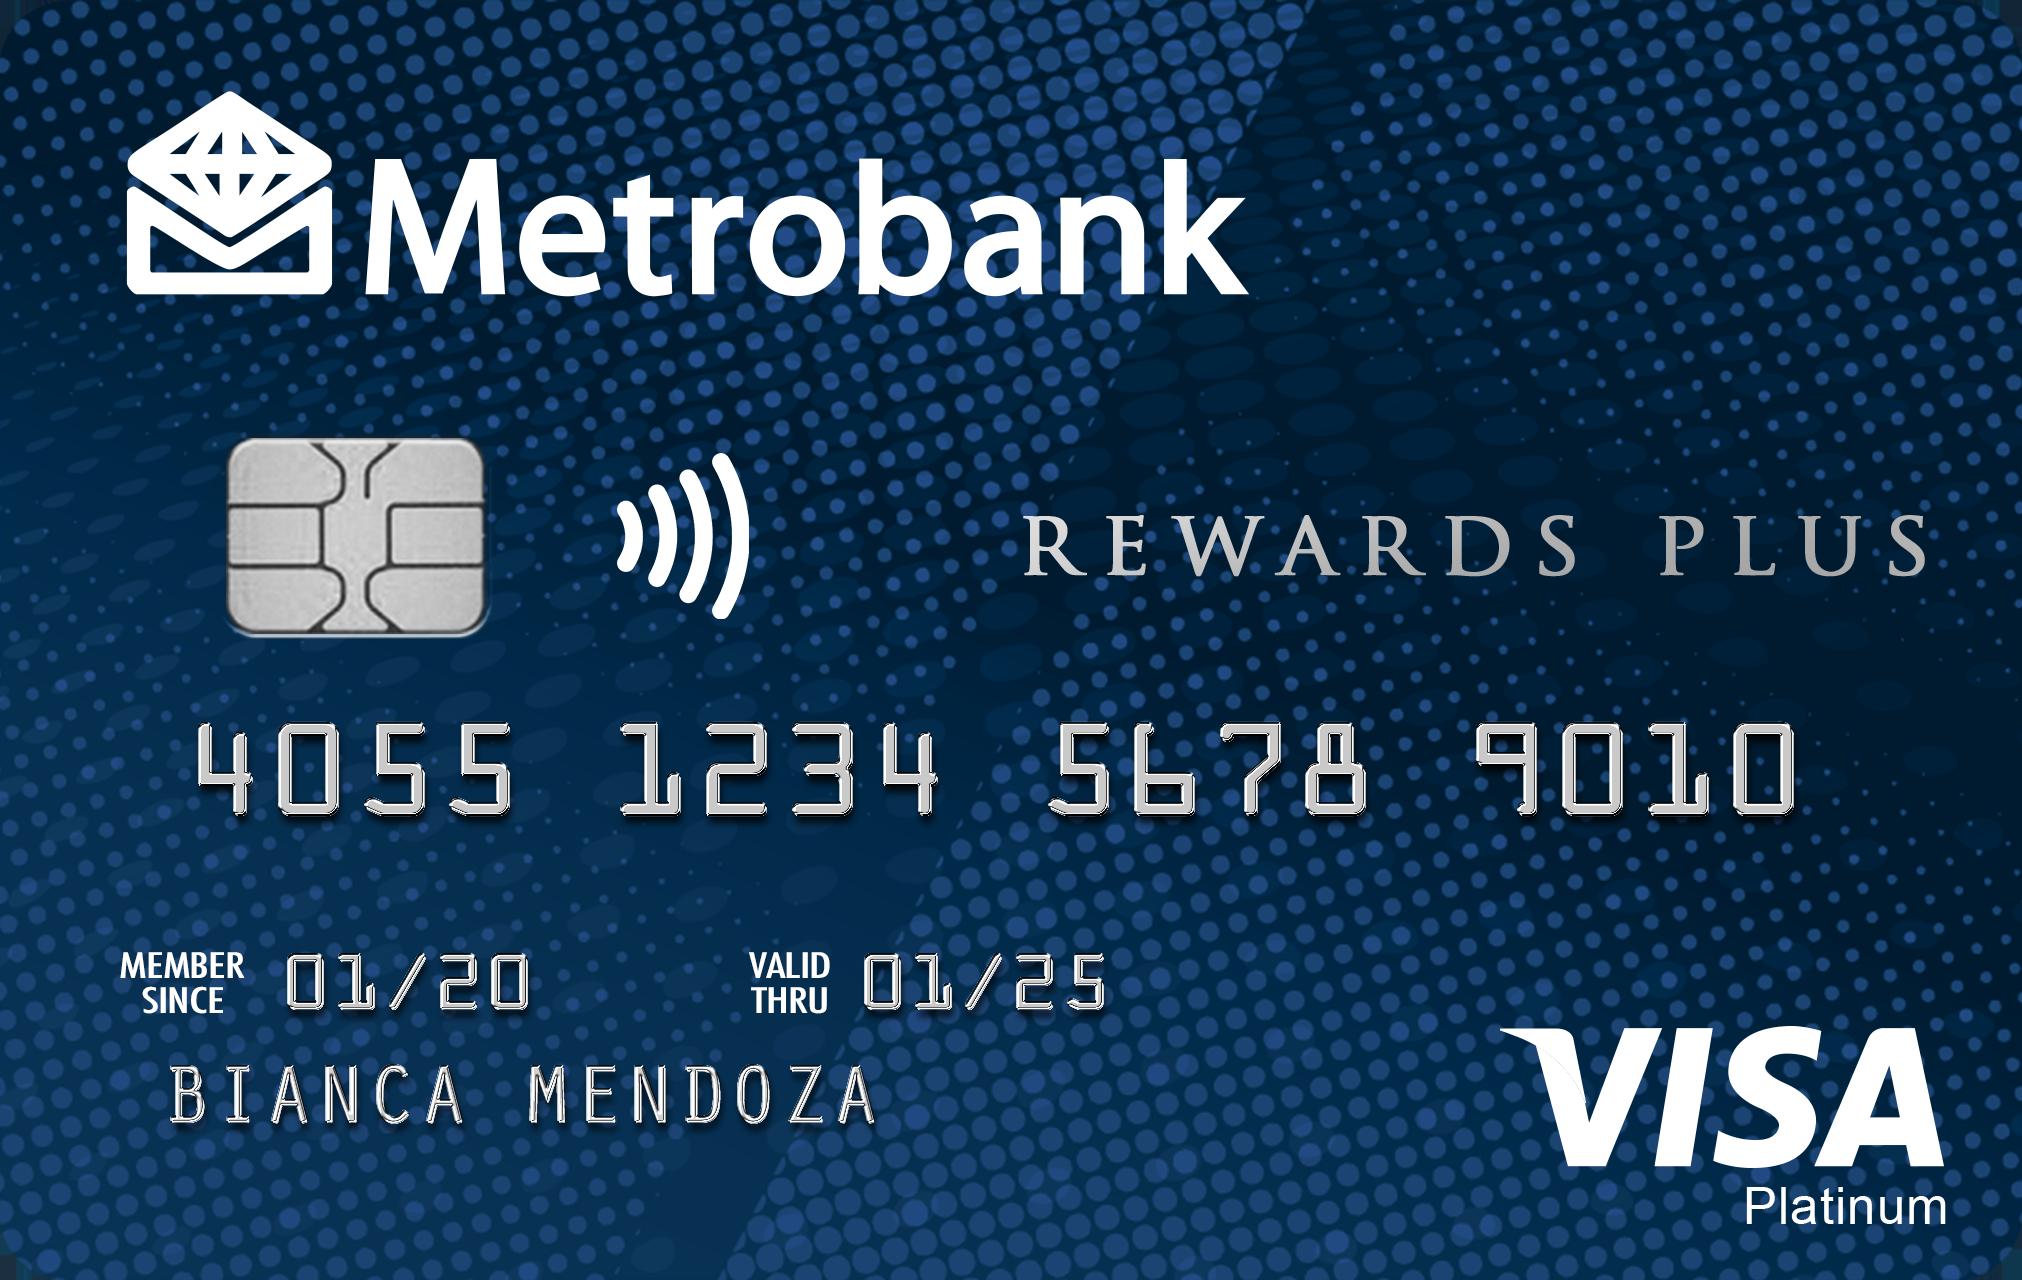 Metrobank - Metrobank Rewards Plus Visa